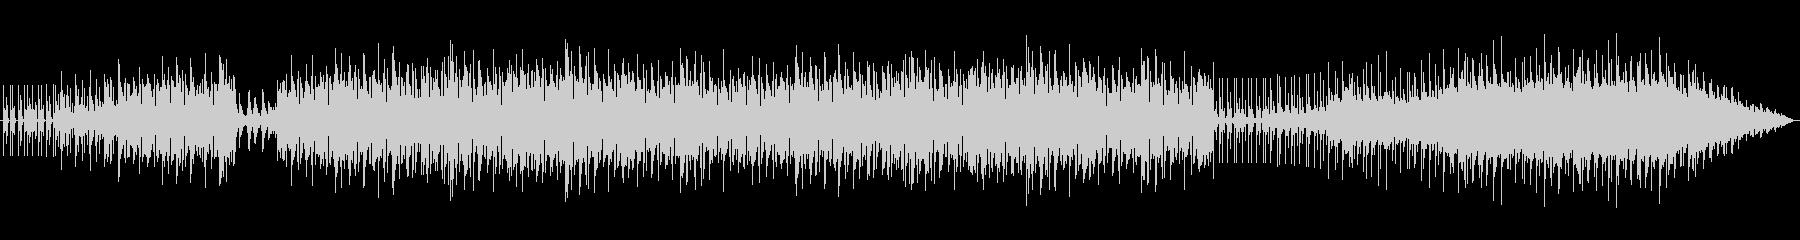 ピアノの美しい和音のループ系グルーヴの未再生の波形